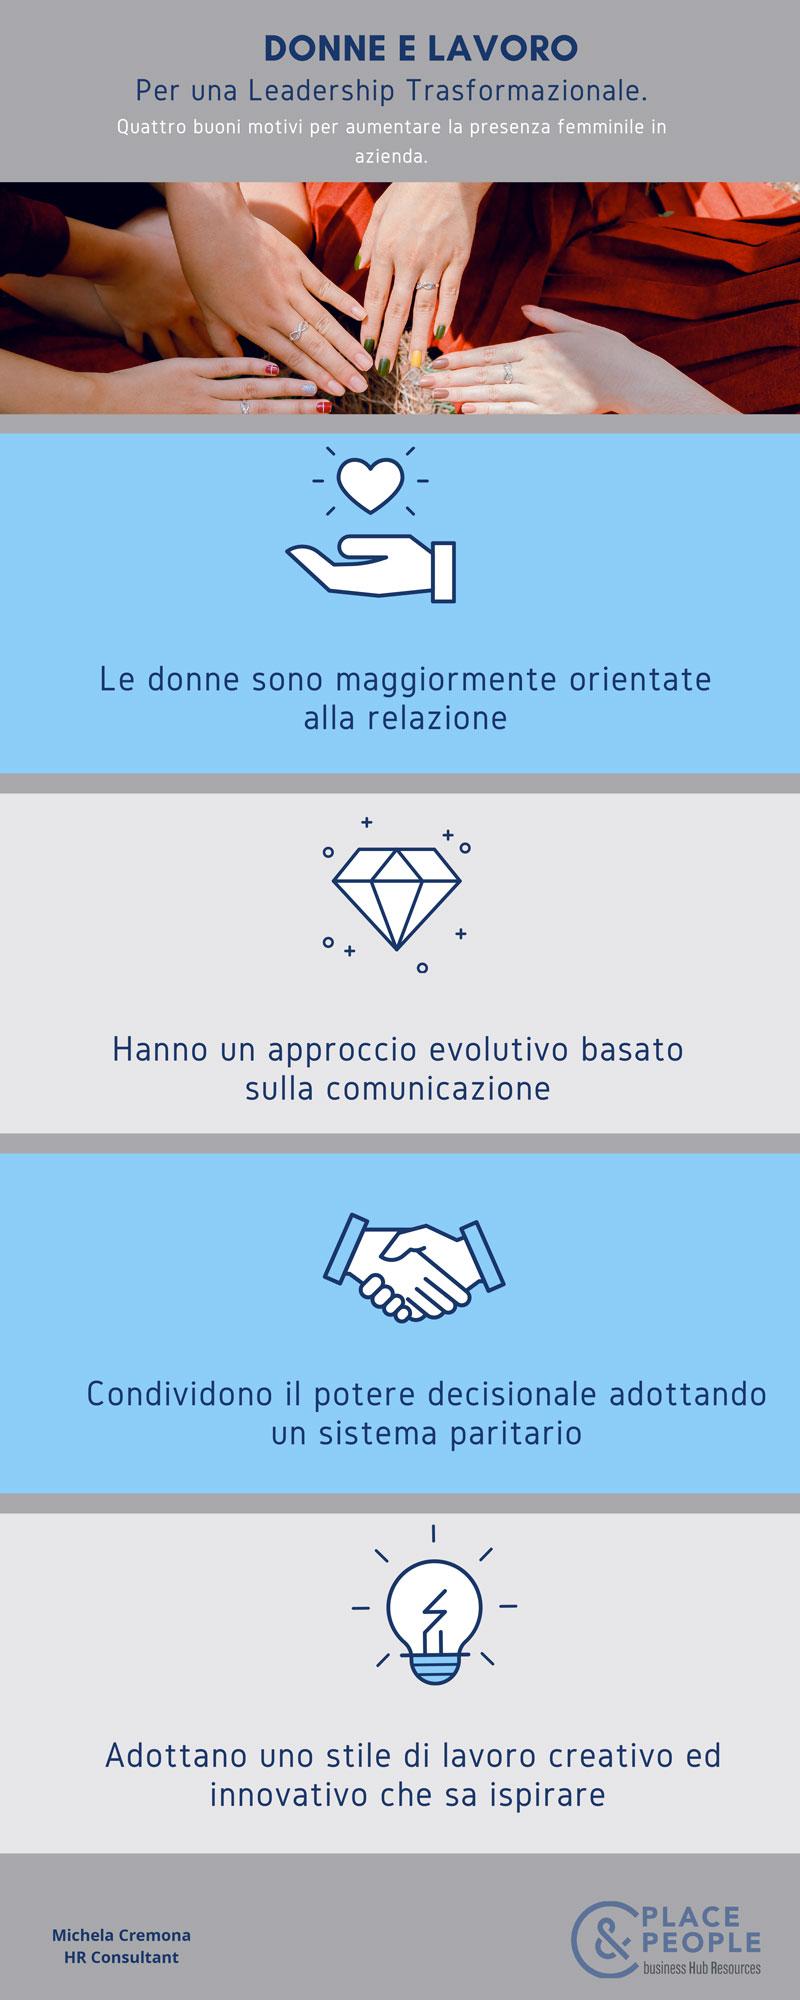 Infografica - Donne e lavoro